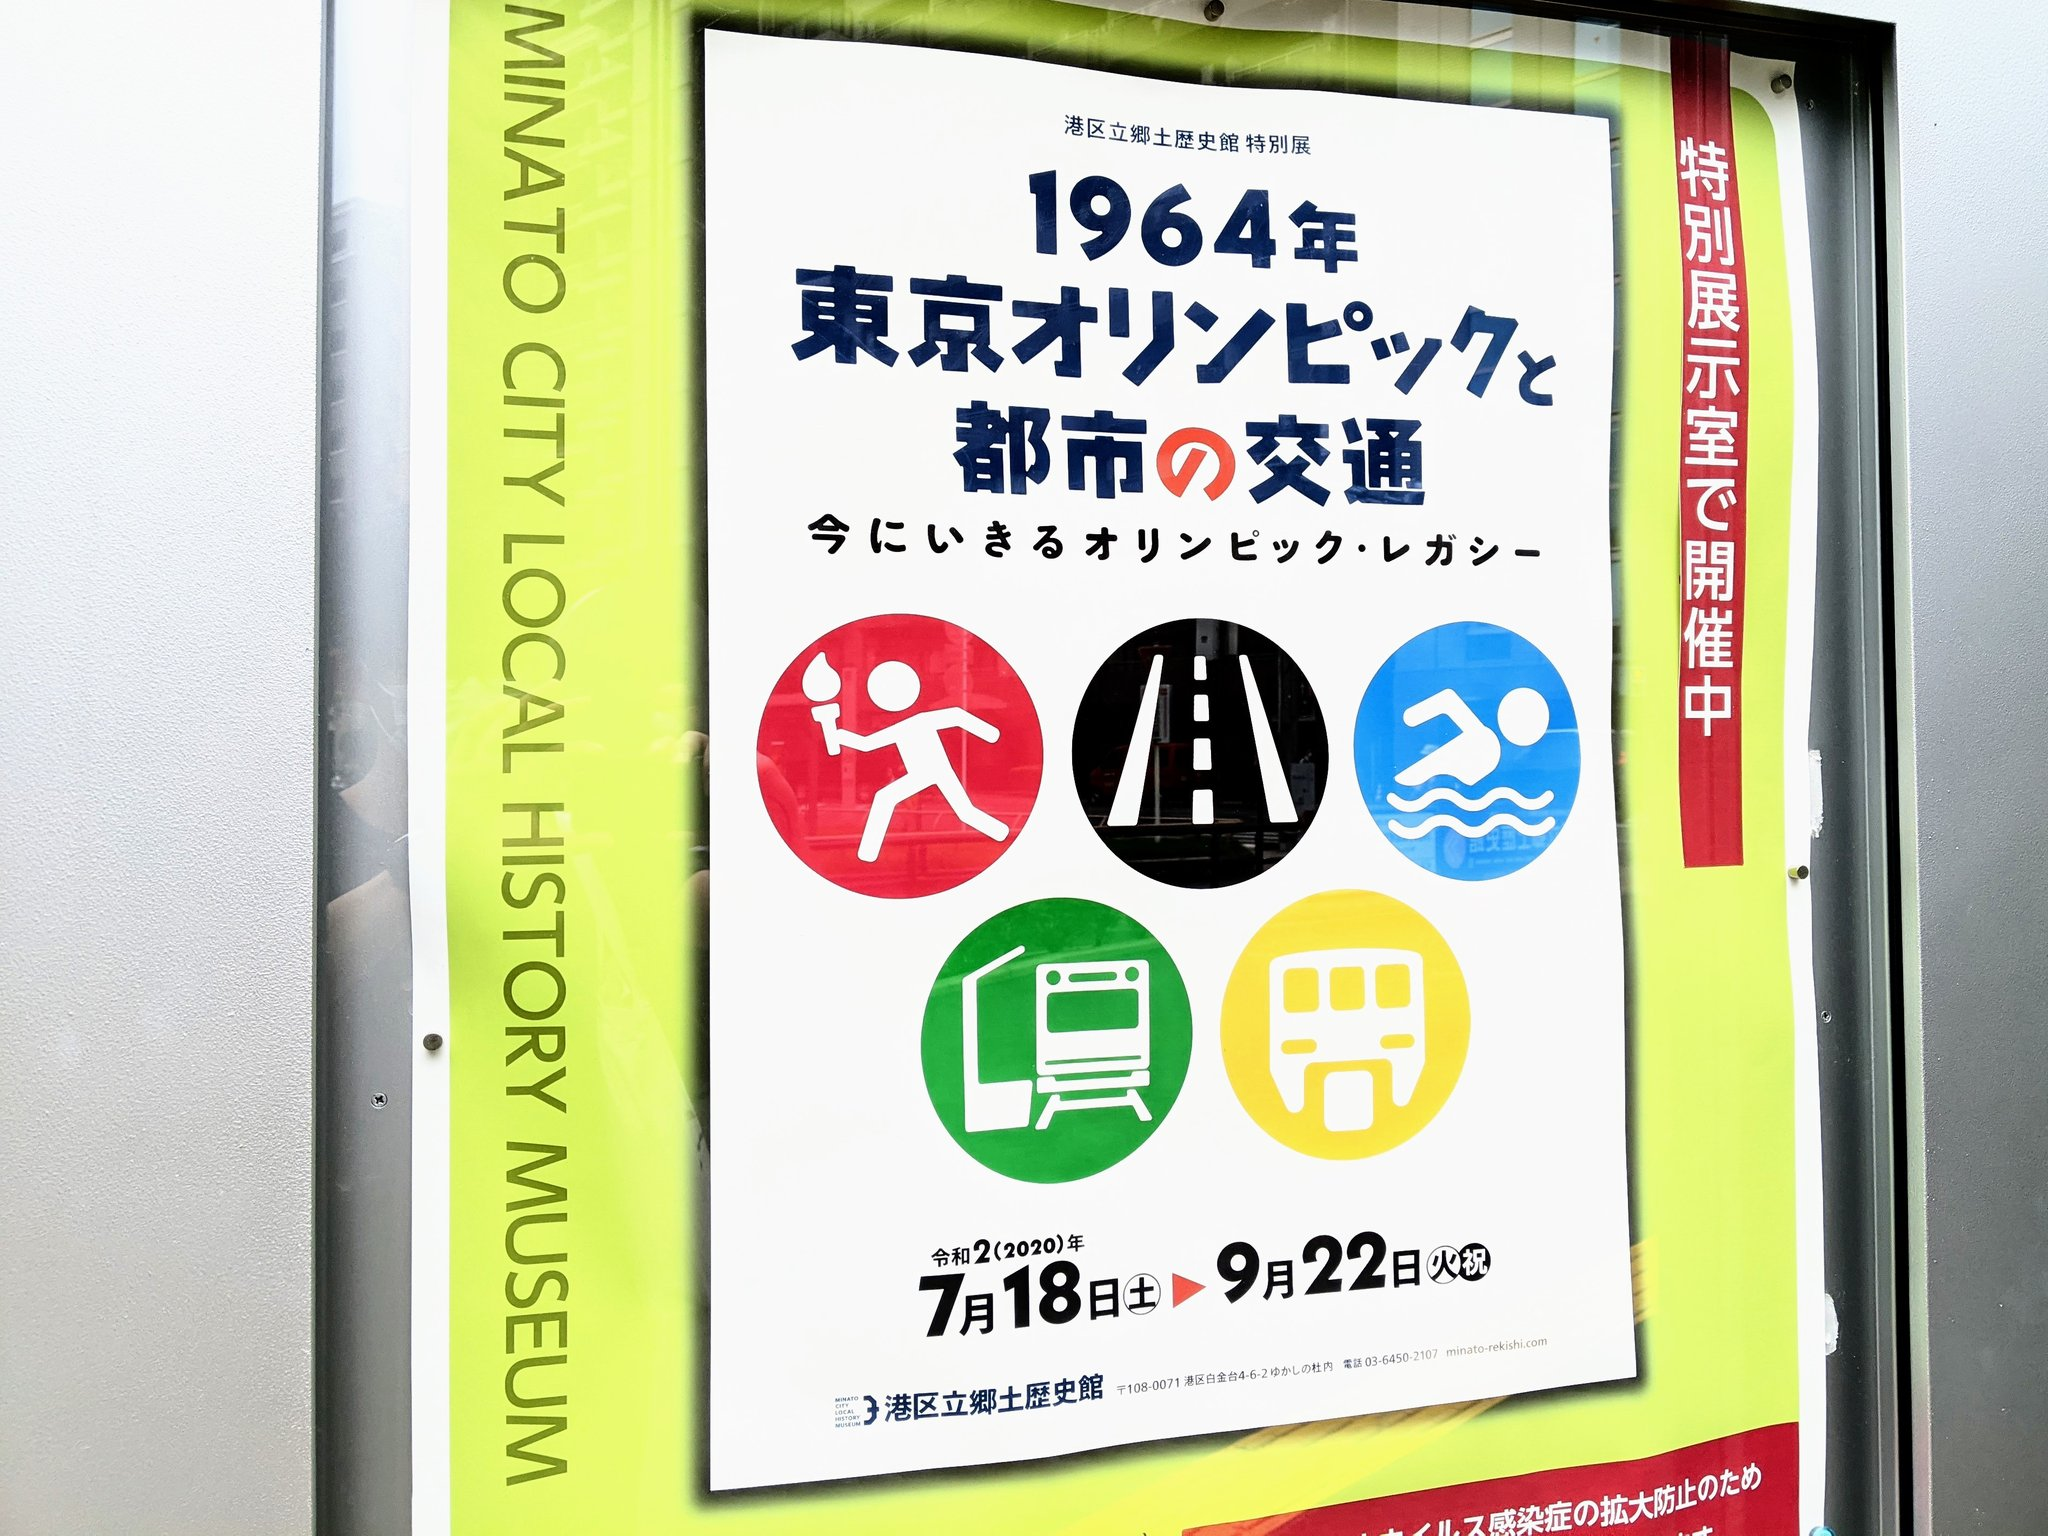 1964年 東京オリンピックと都市の交通